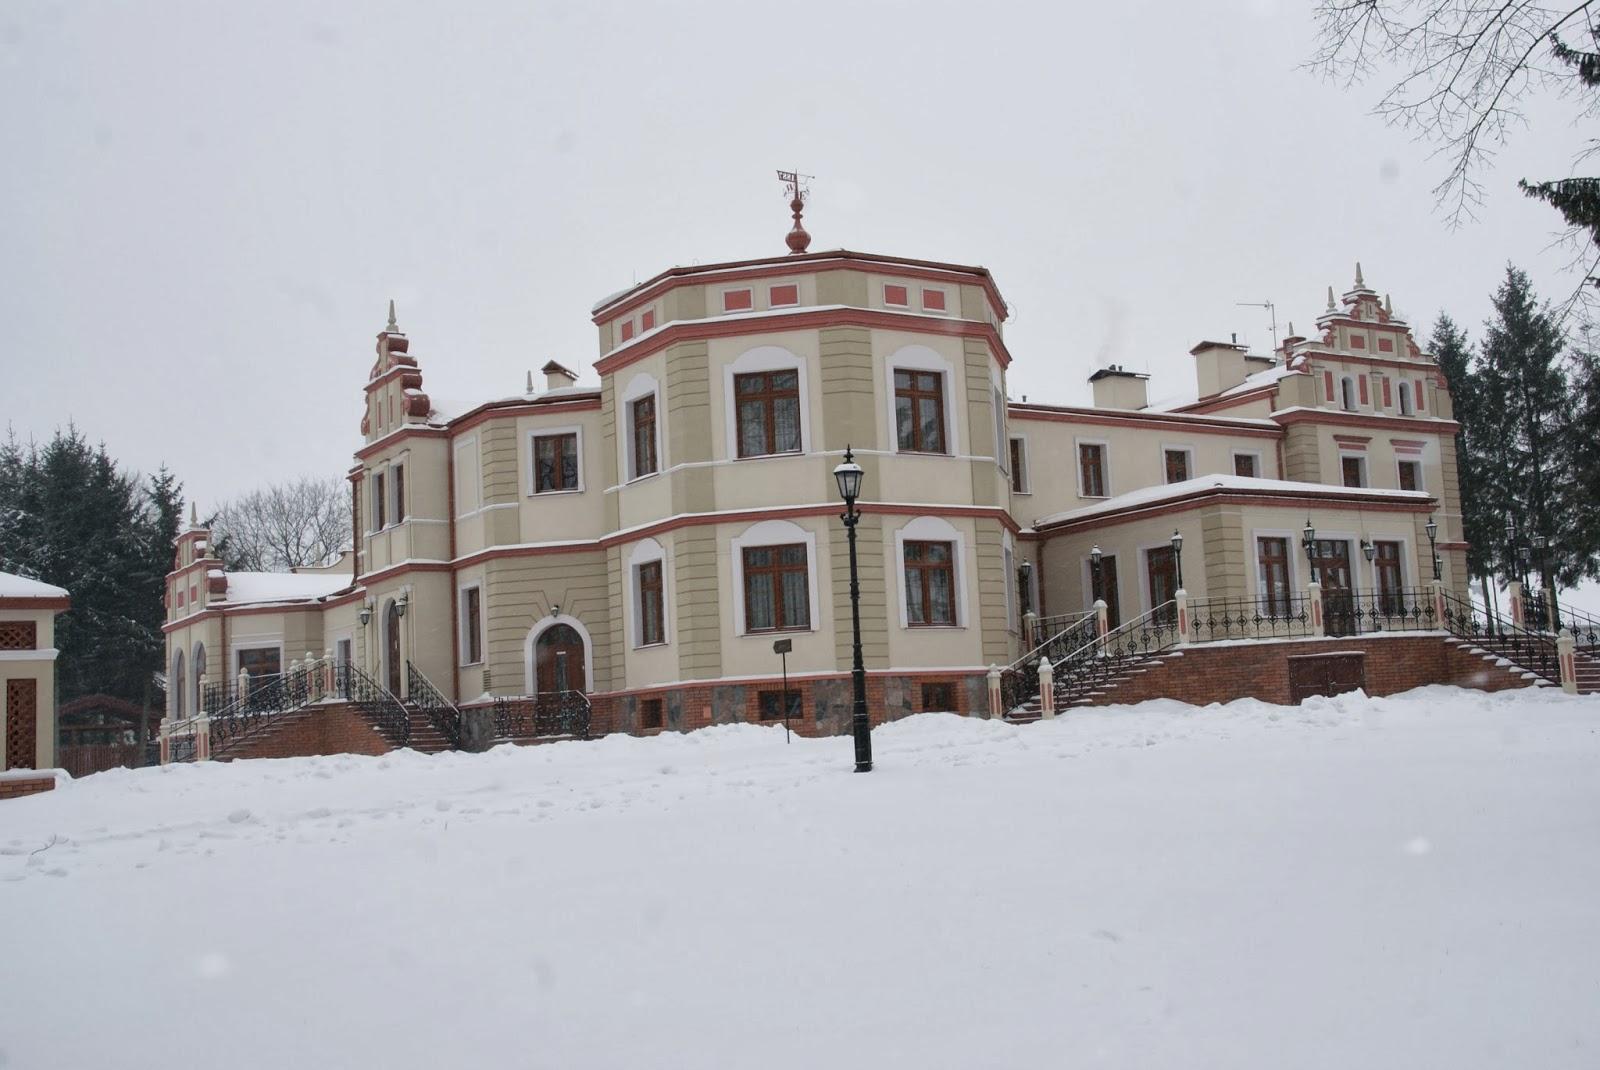 Pałac Myślęta